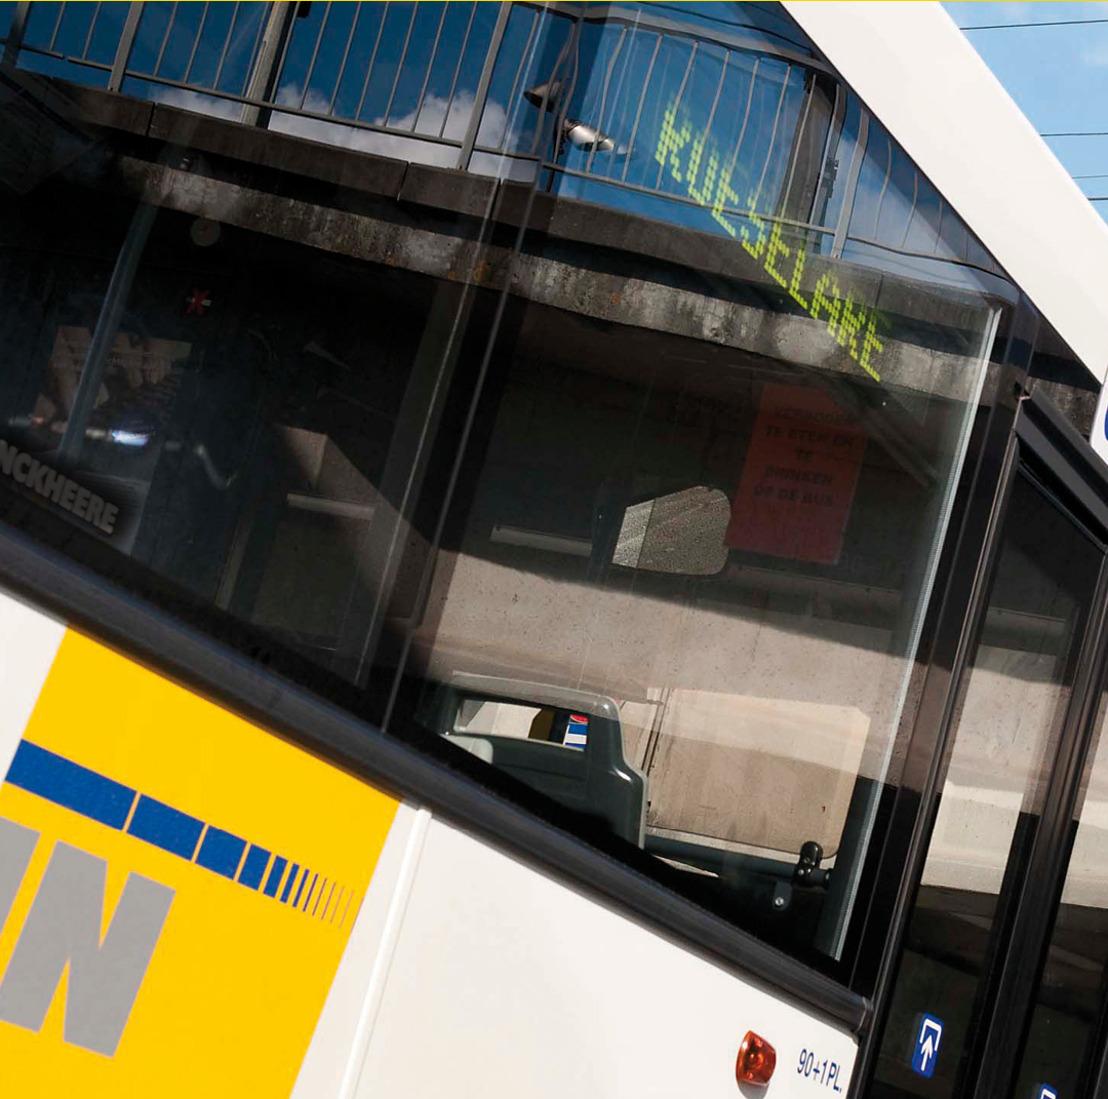 Reiswegwijziging voor lijnen 4, 6 en 60 in Roeselare